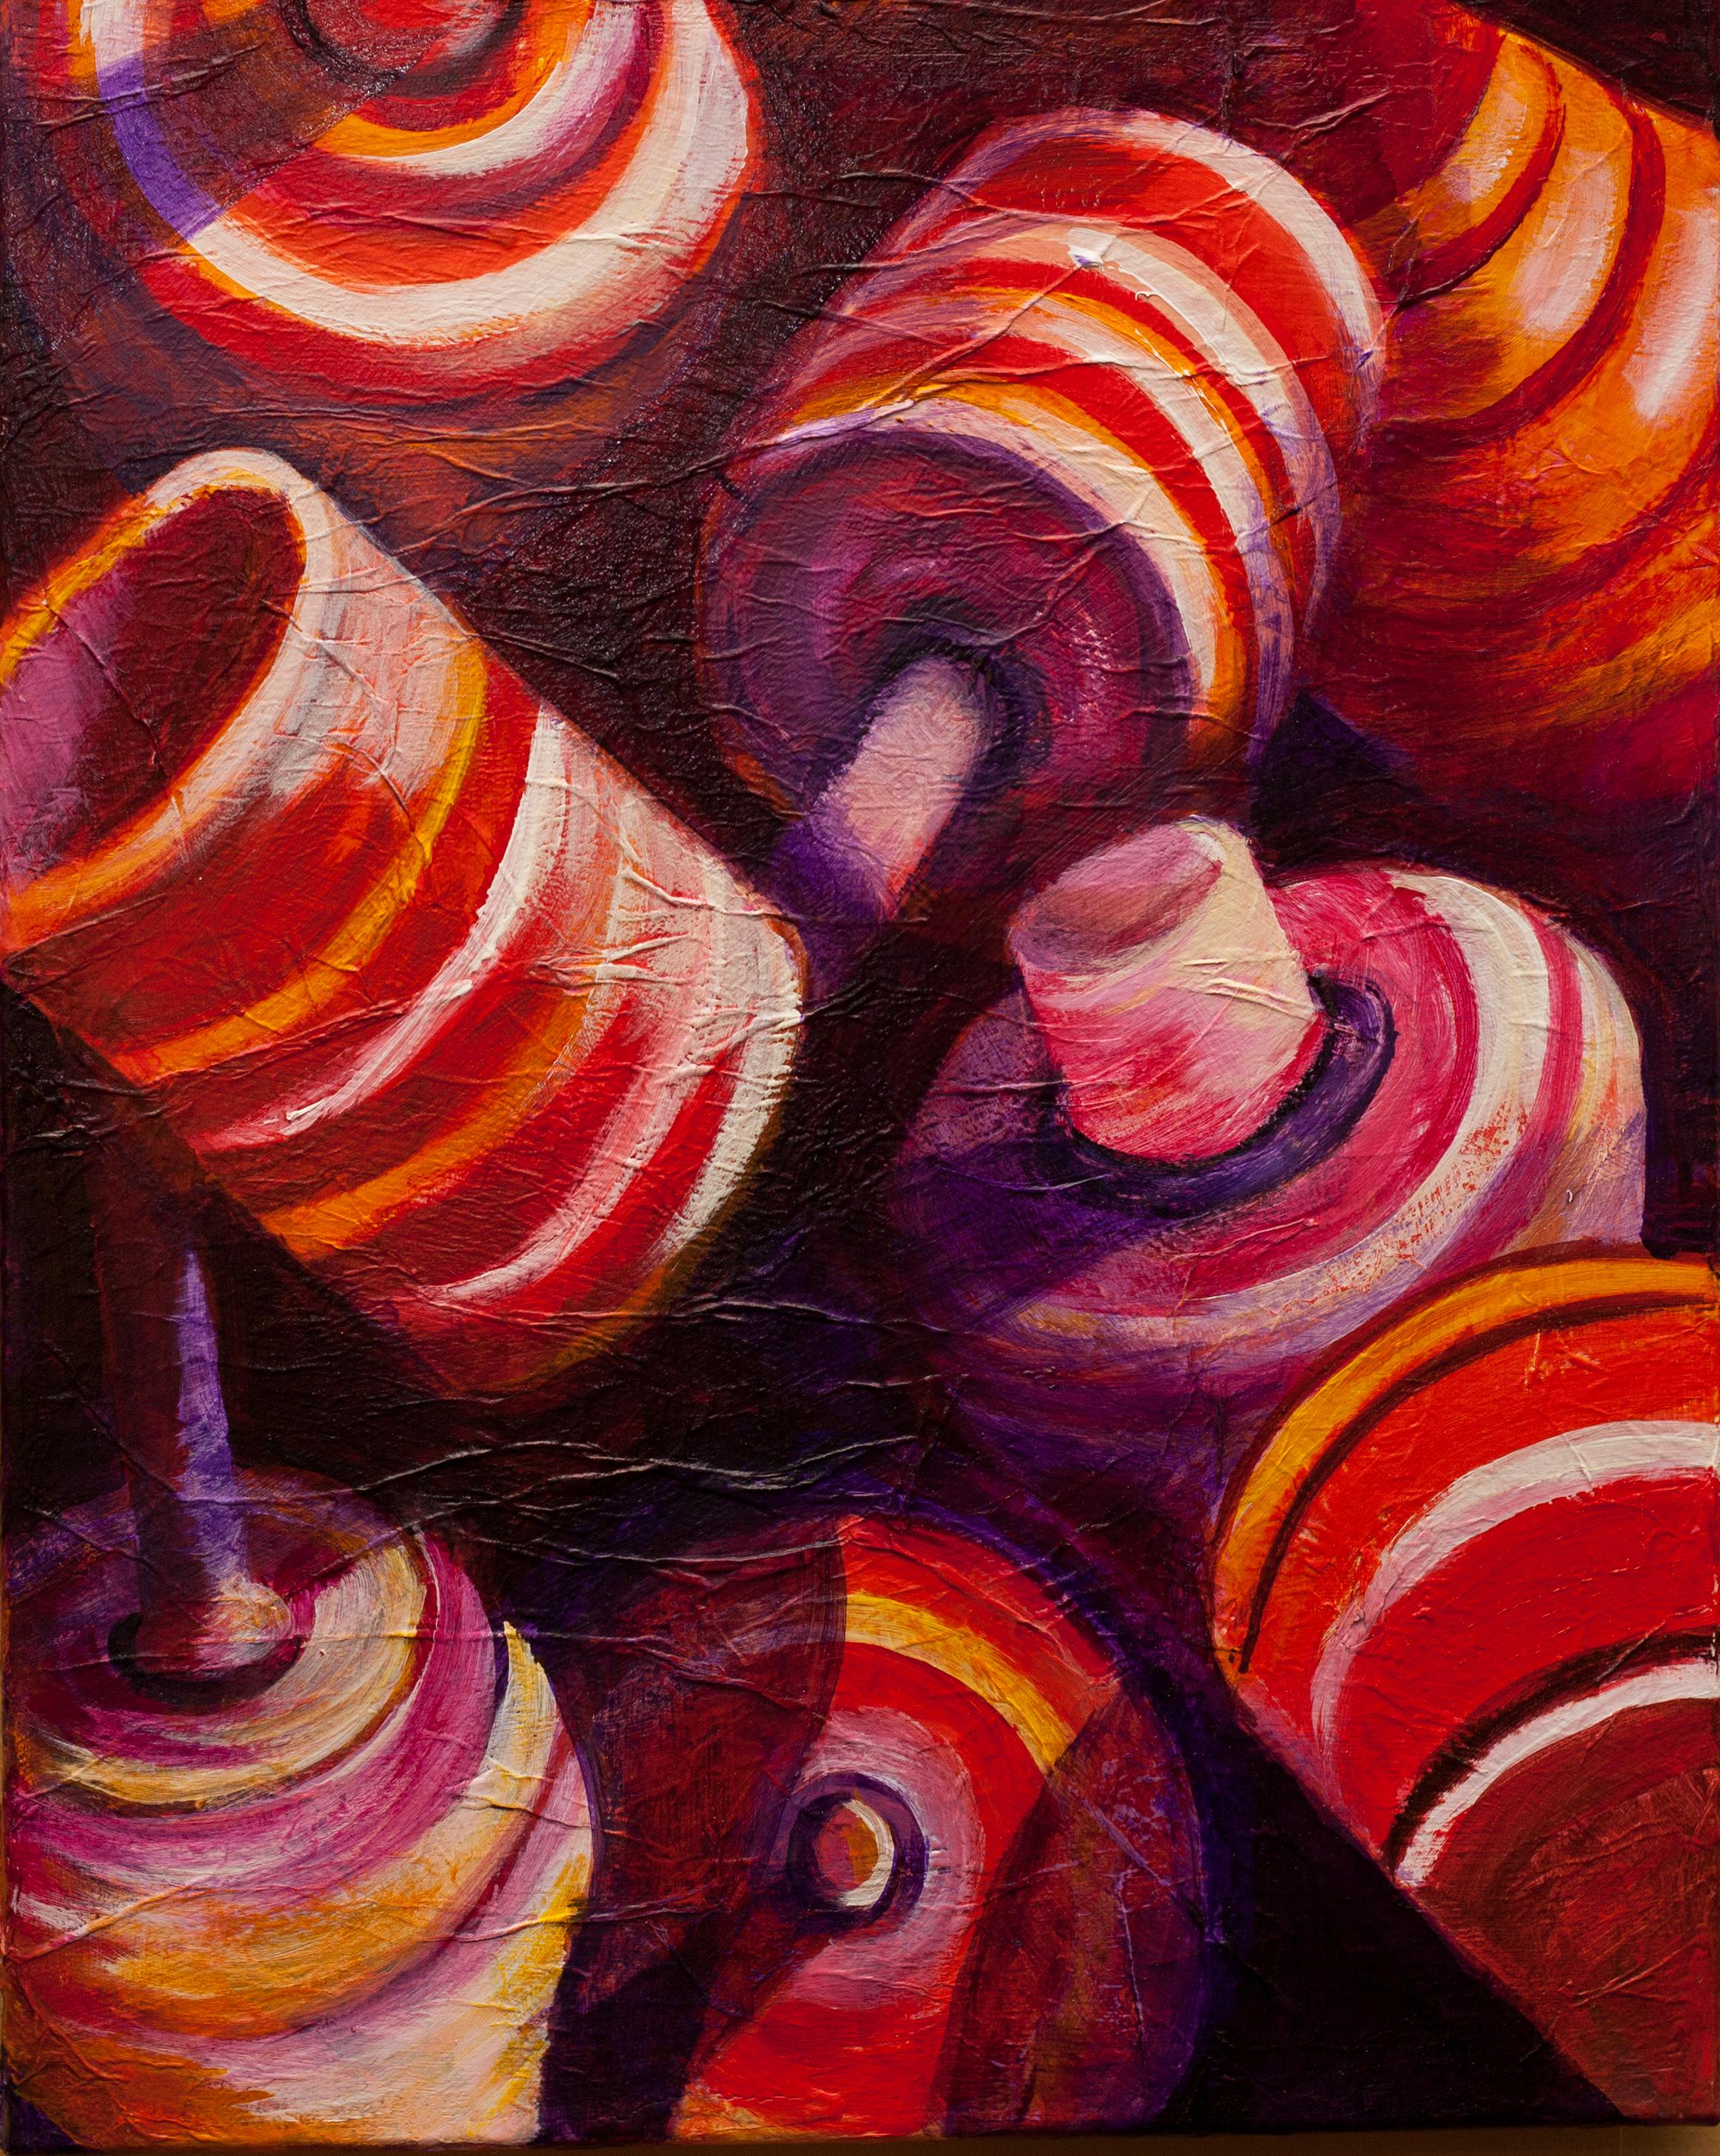 ZAPP No podria estar mas feliz (2)- Acrylic on canvas - 20x16 - Yancy Villa-Calvo.jpg